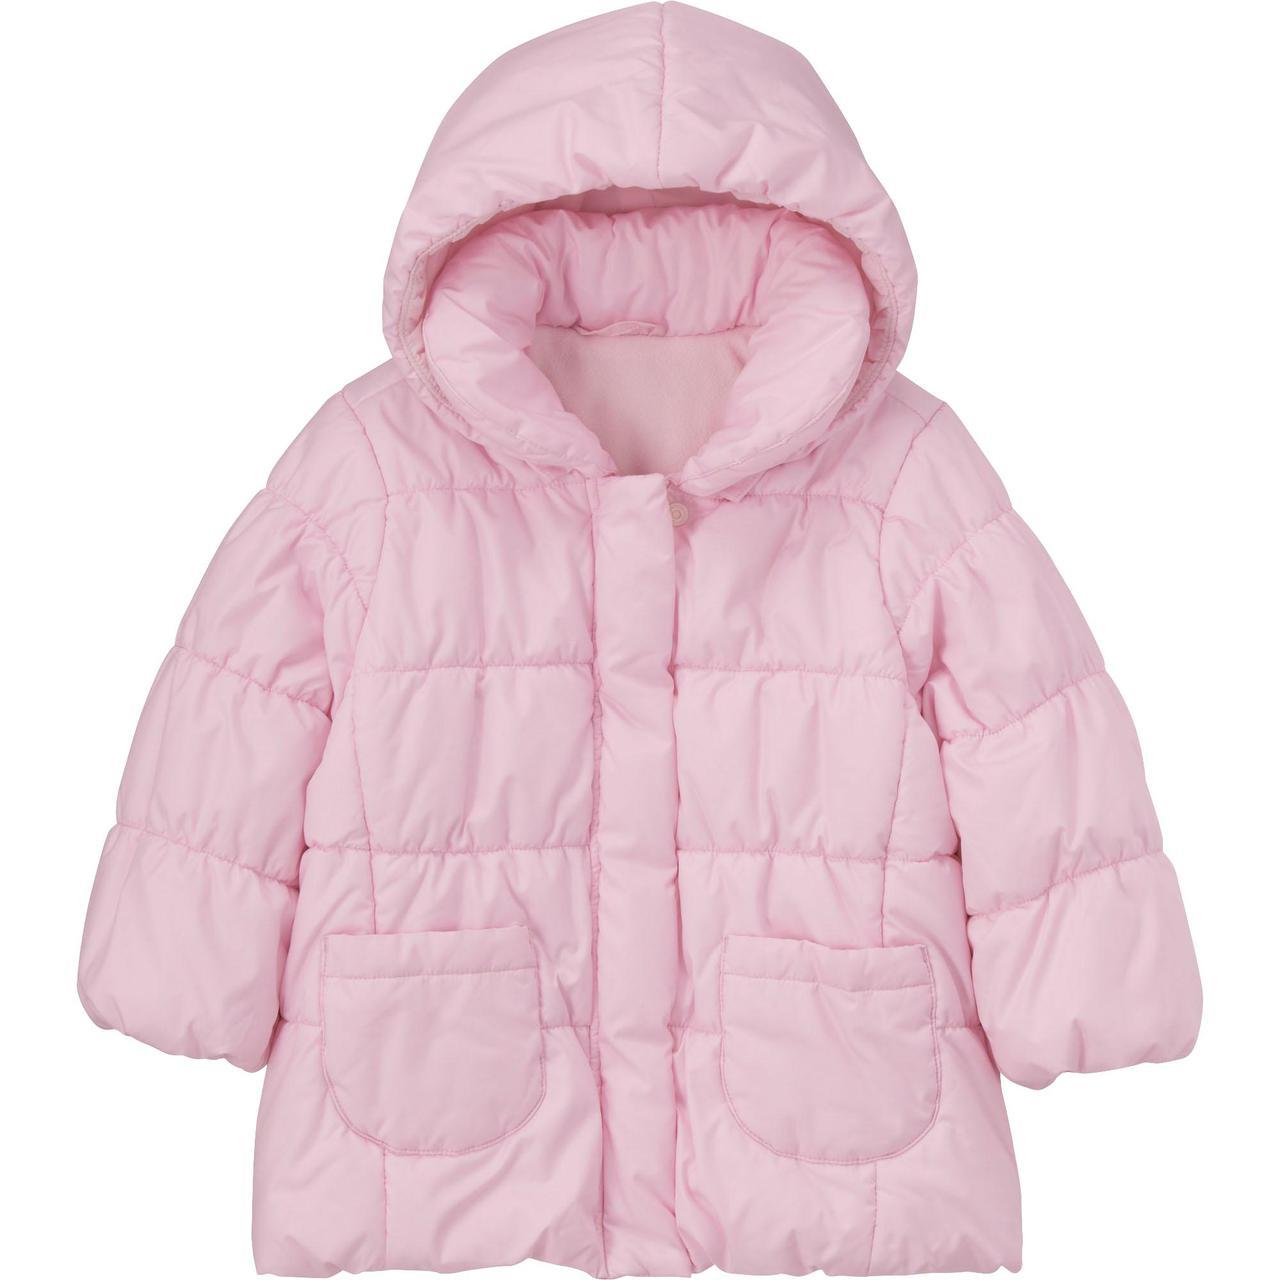 Куртка детская Uniqlo Toddler Body Warm Lite PINK